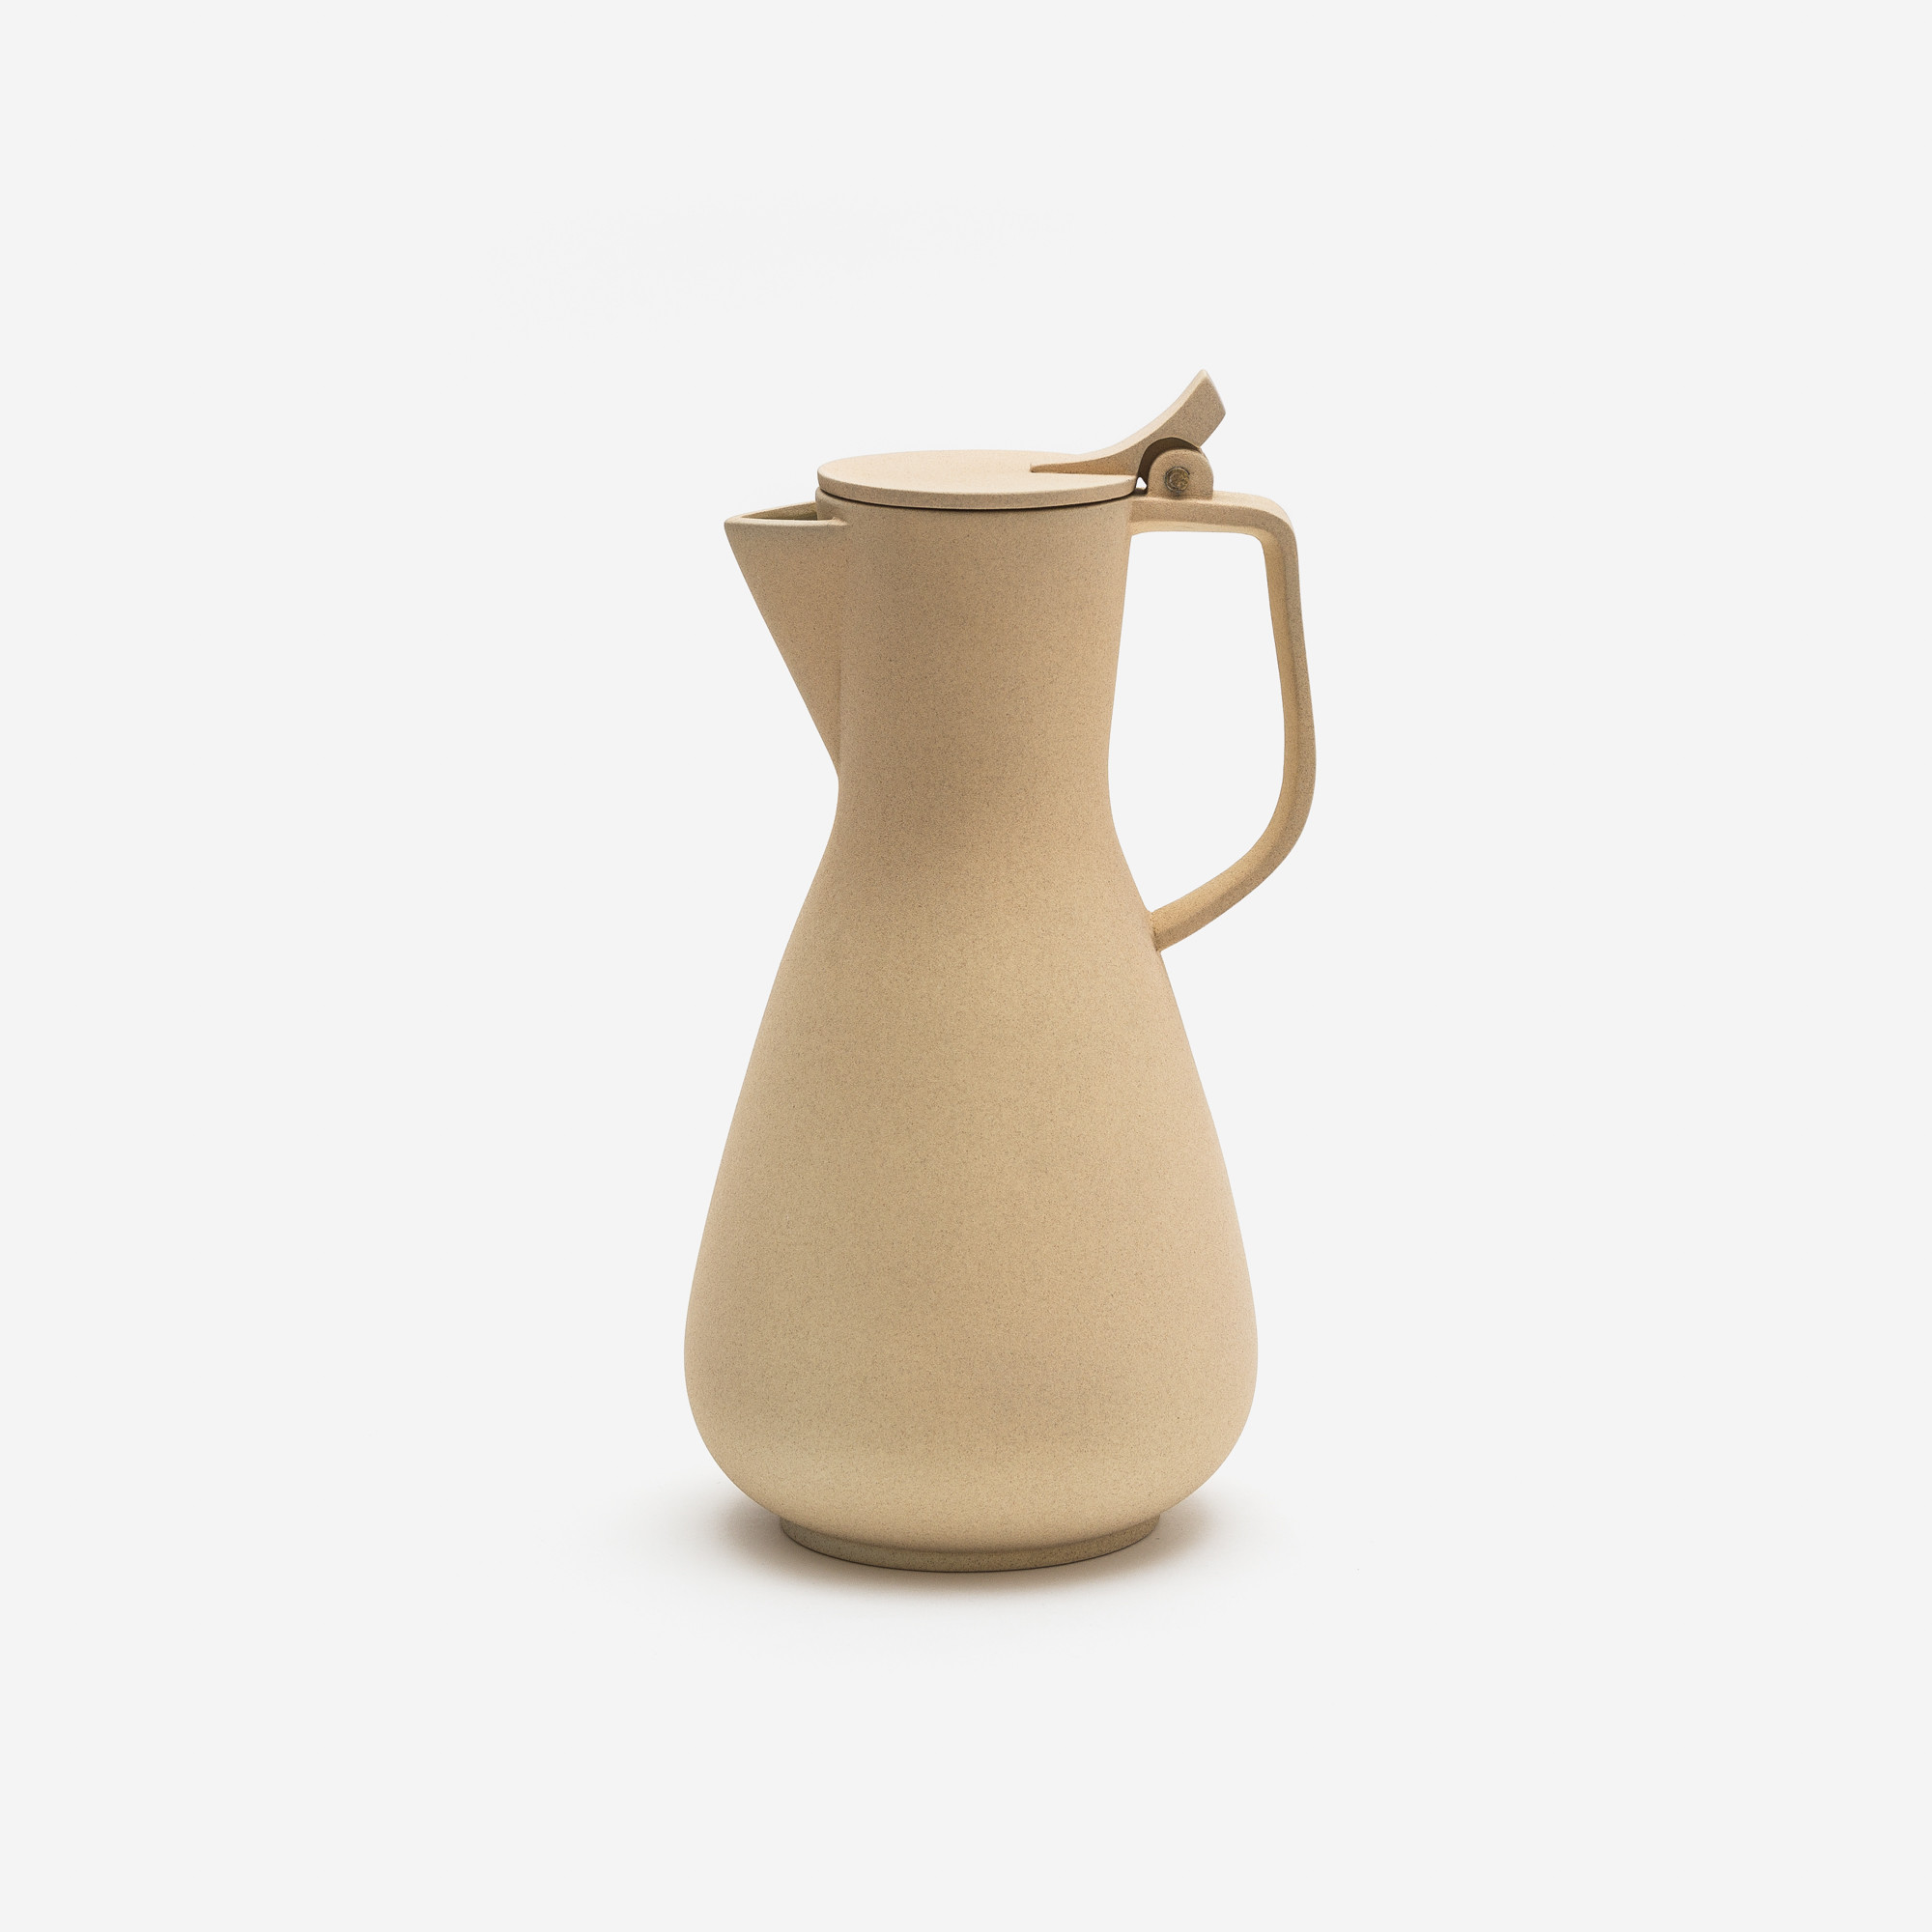 Kirstie Van Noort | Tea Pot | BON Ceramics